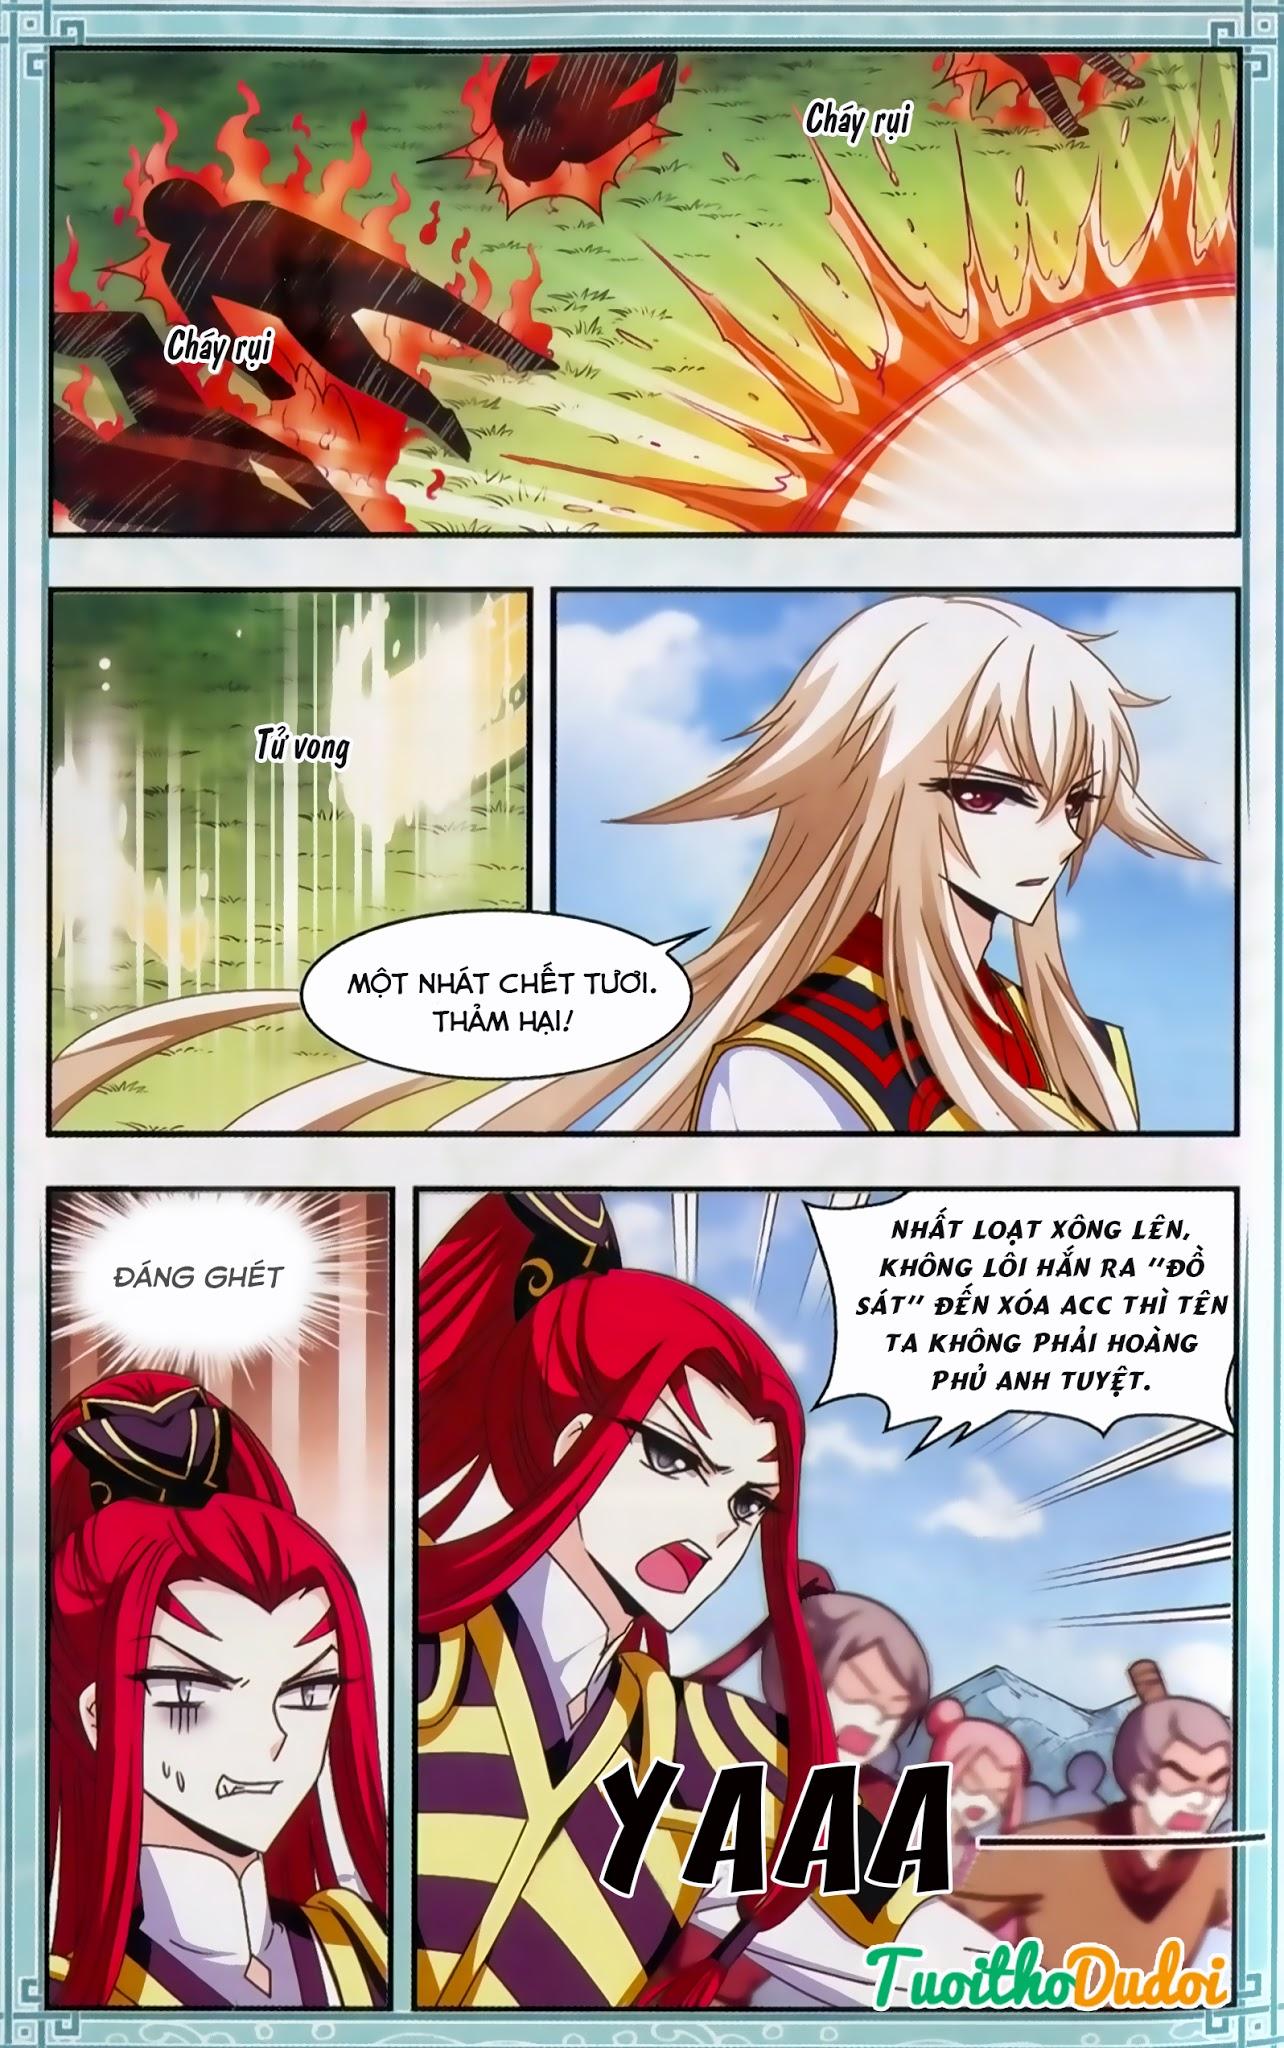 Phong Khởi Thương Lam Ngoại Truyện Chap 10